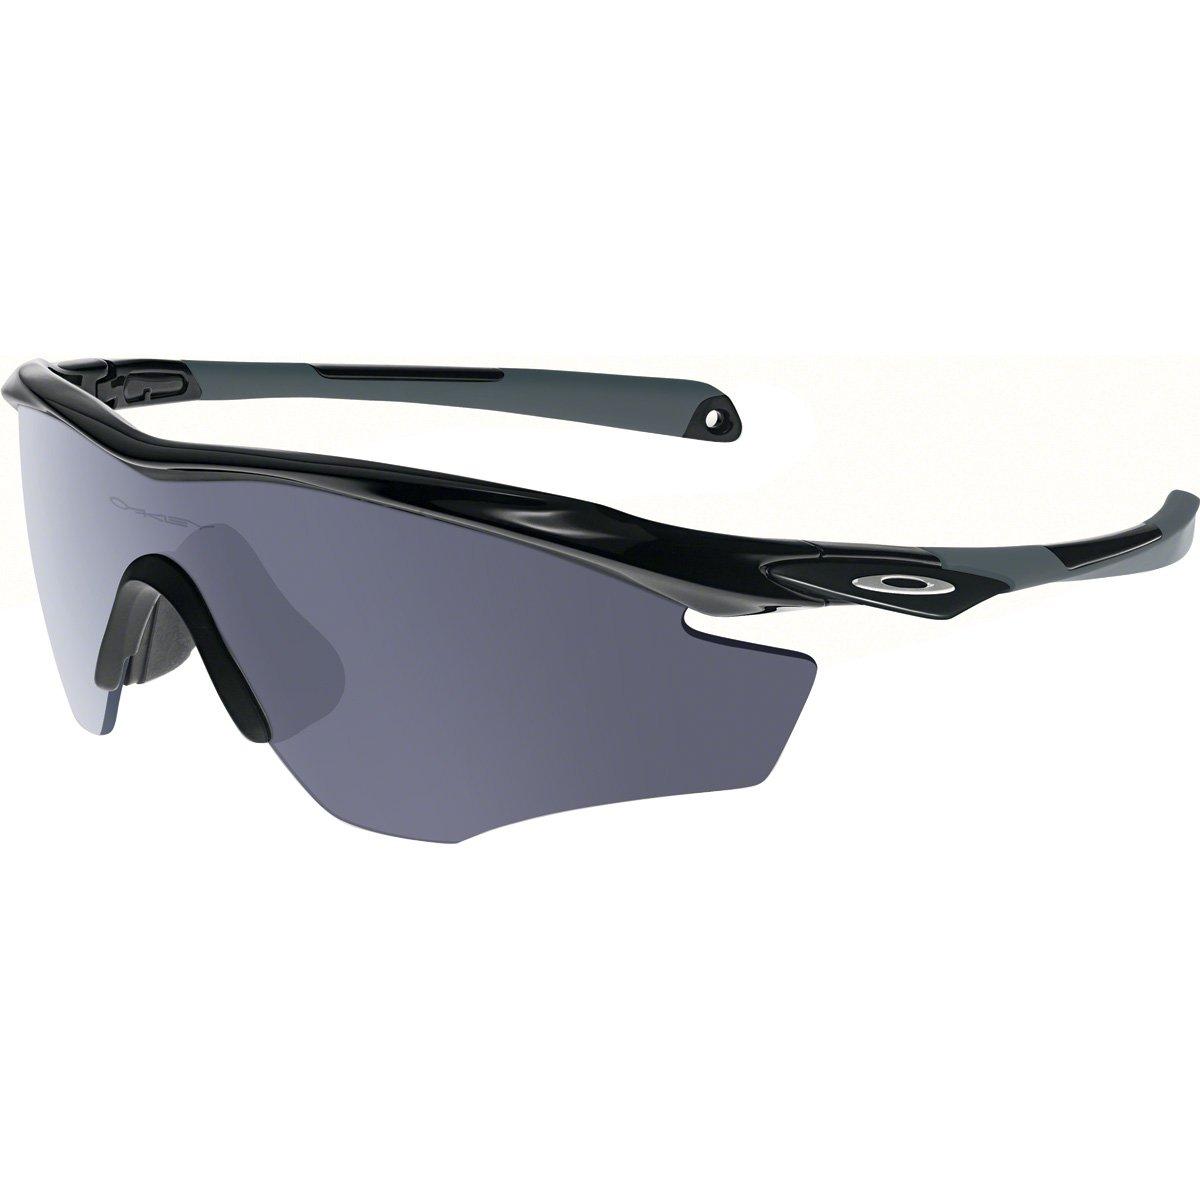 Oakley Men's OO9343 M2 Frame XL Shield Sunglasses, Polished Black/Grey, 45 mm by Oakley